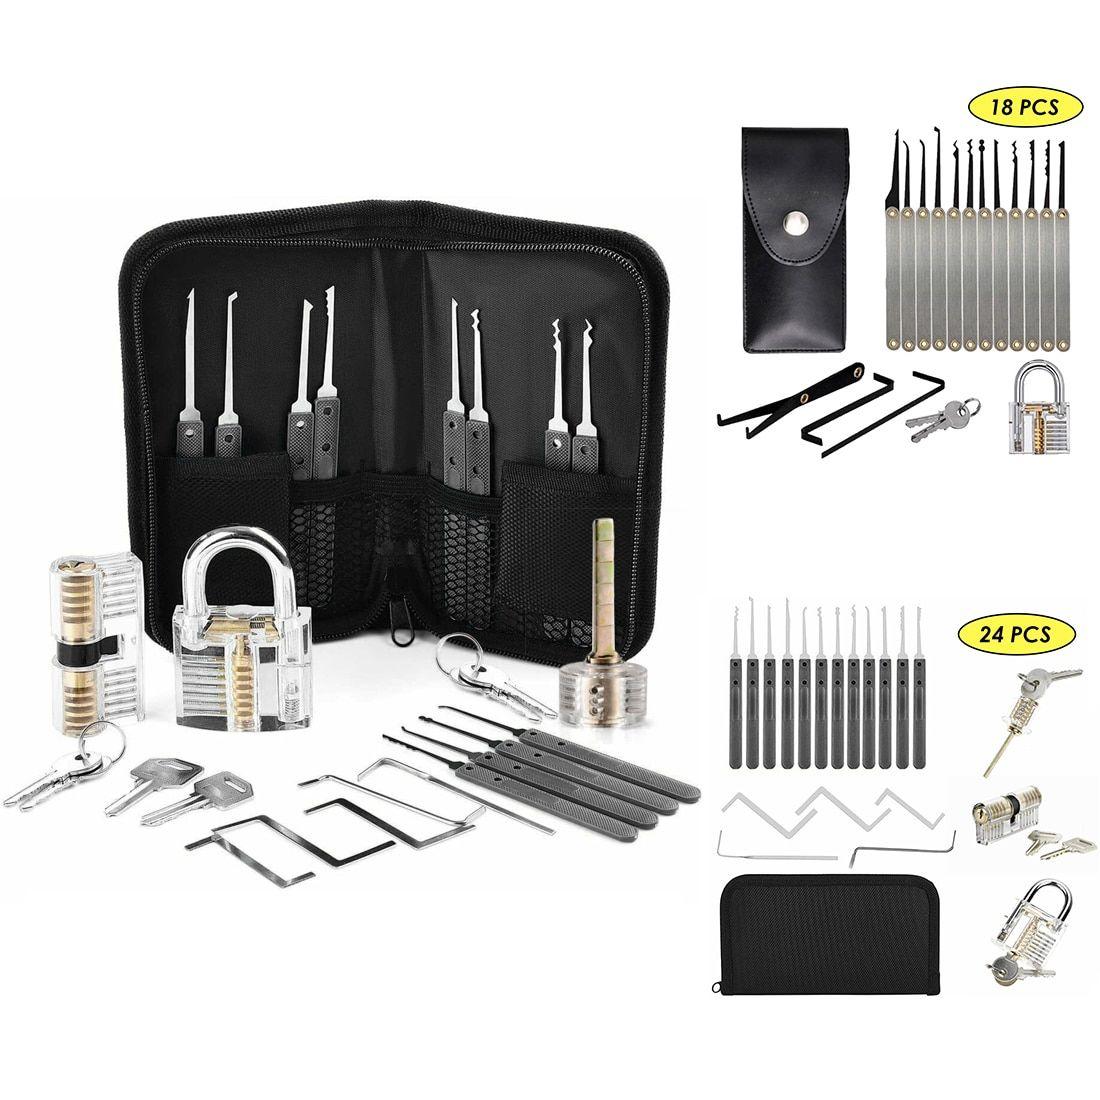 Liga de aço prática de bloqueio de bloqueio conjunto chave chave ferramentas de mão quebrado ferramenta chave combinação cadeado hardware conjunto acessórios chave